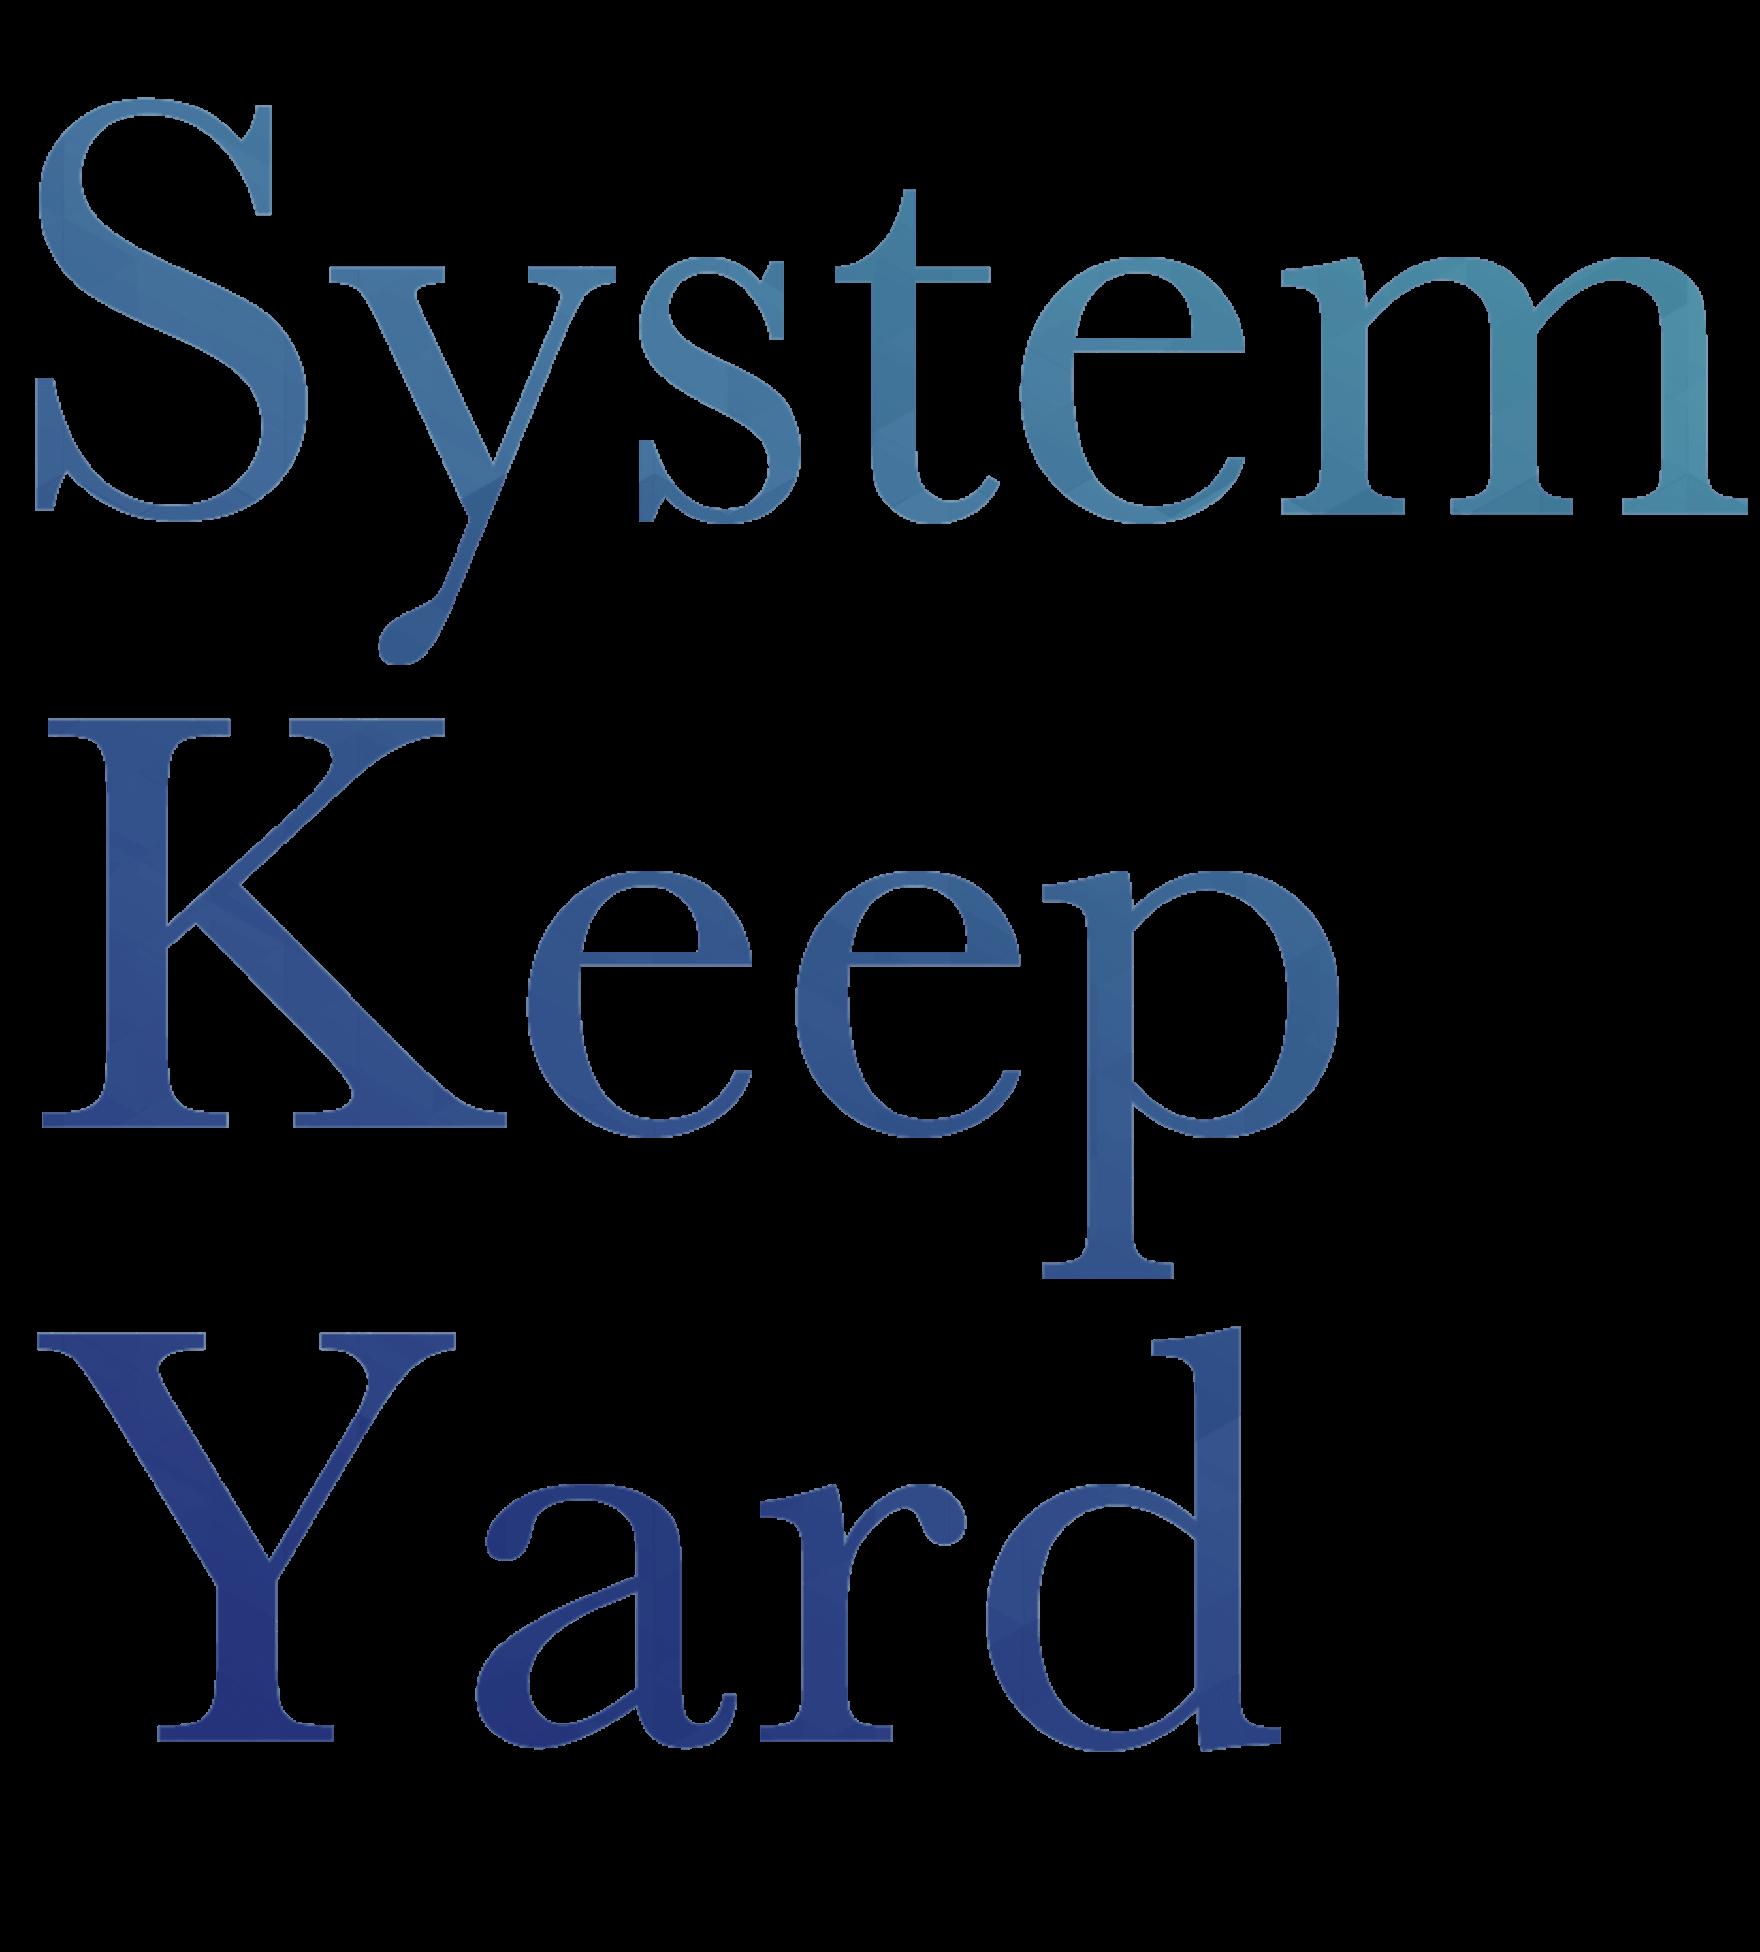 System Keep Yardロゴ